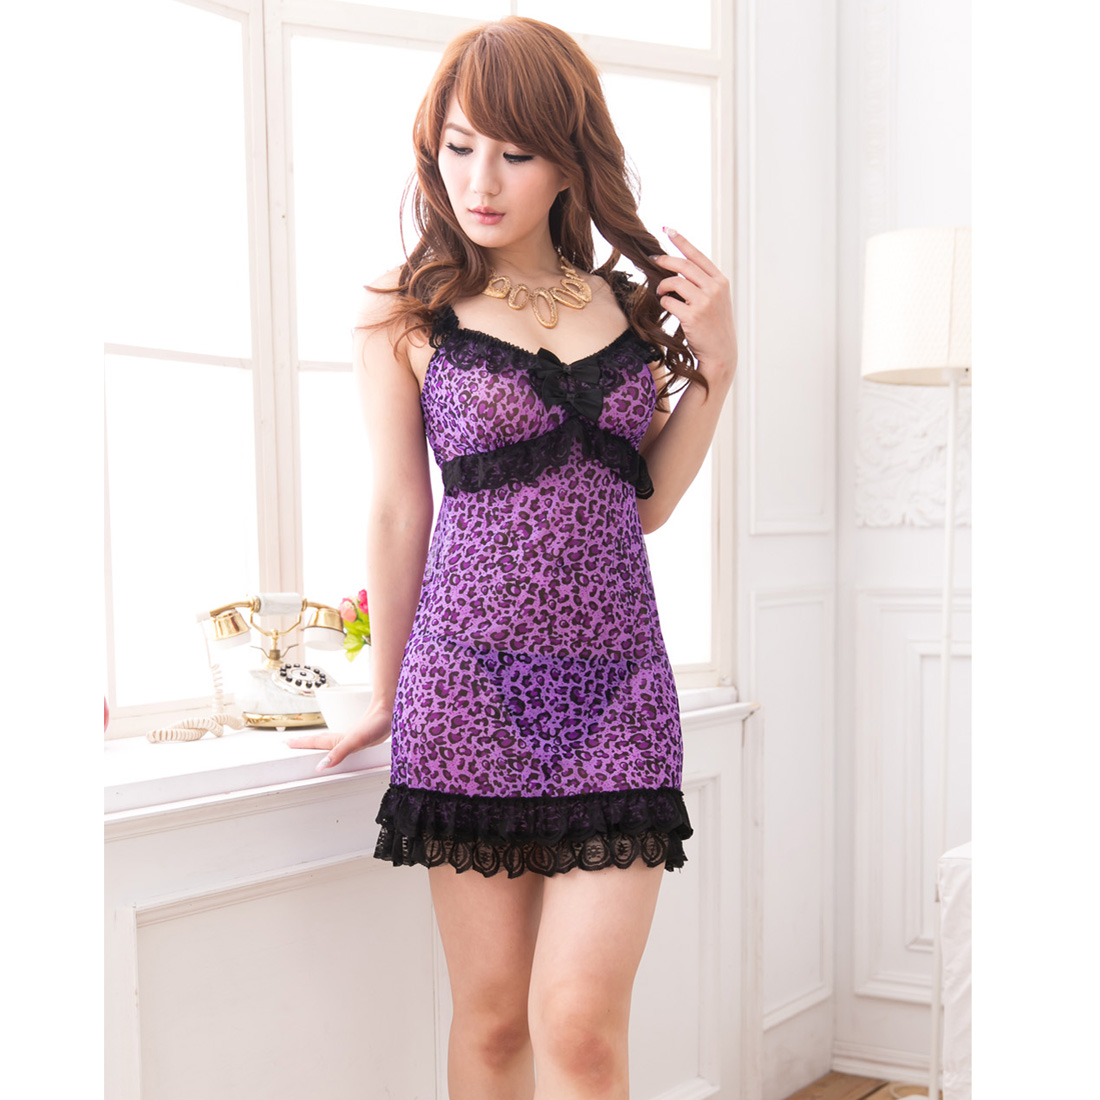 Sesibibi Фиолетовый Номер XL женская белье кружево одежда нижнее белье ночное белье стринги чулки